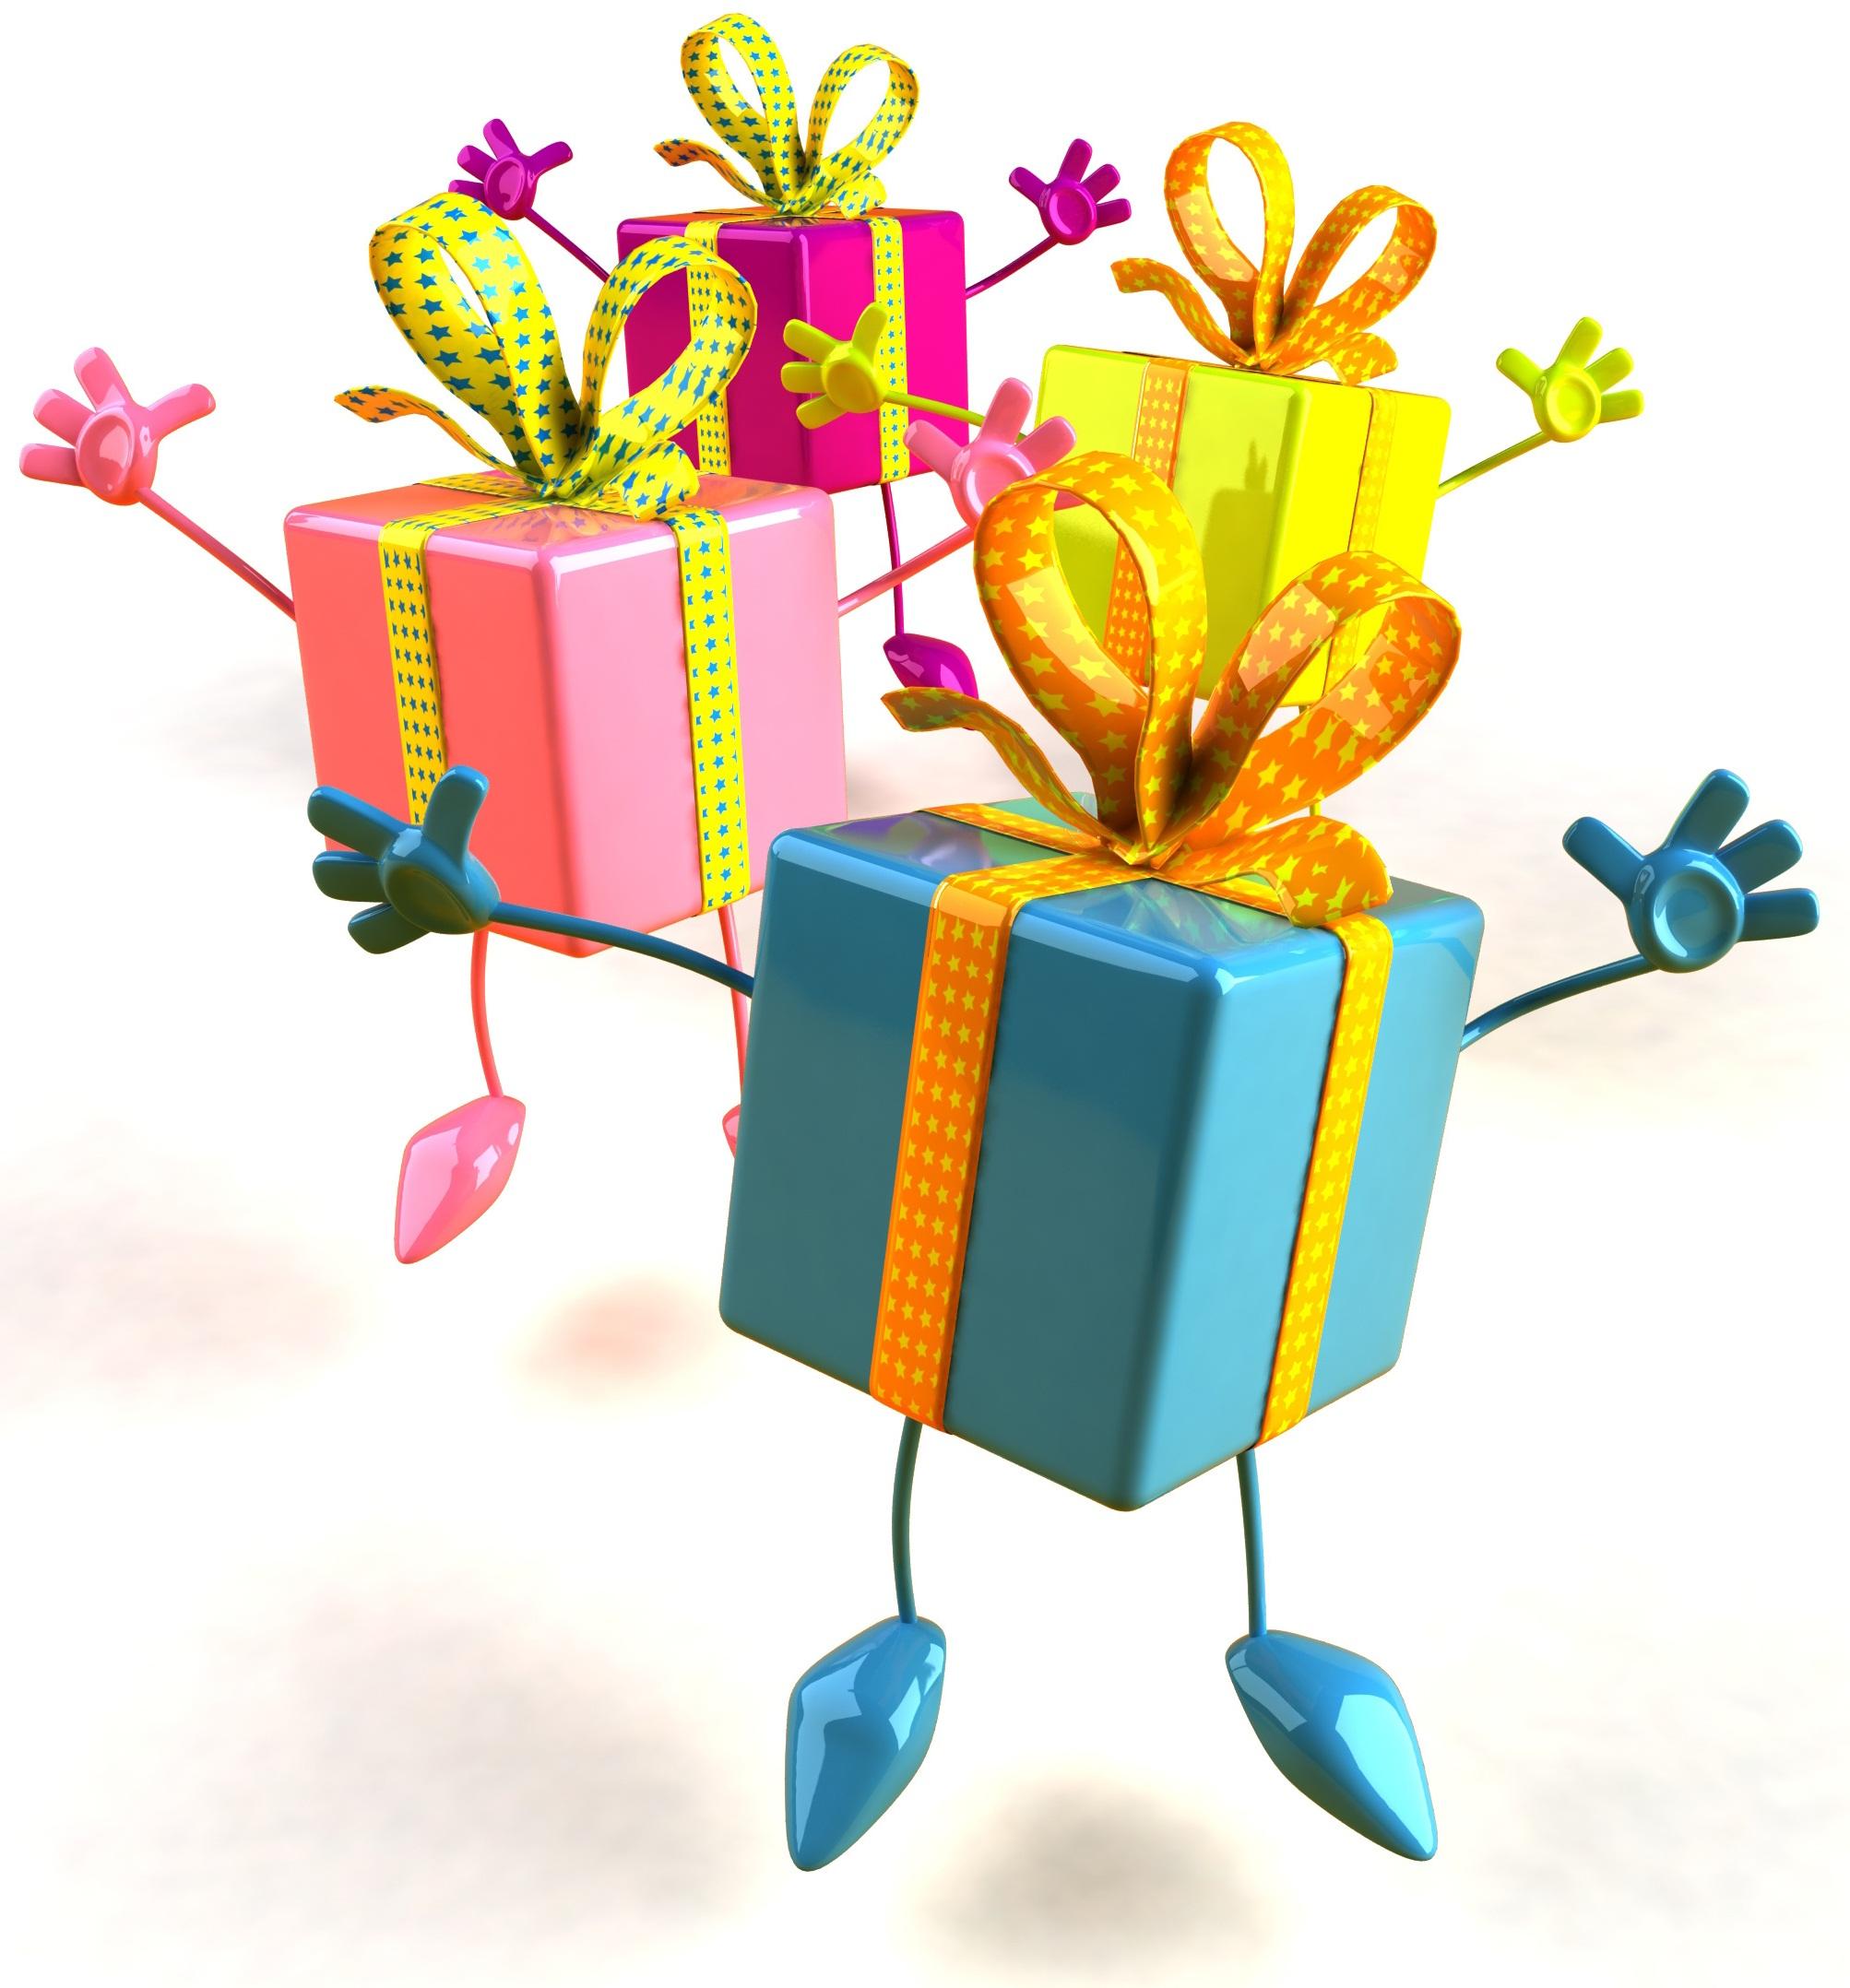 Как выигрывать подарки в одноклассниках